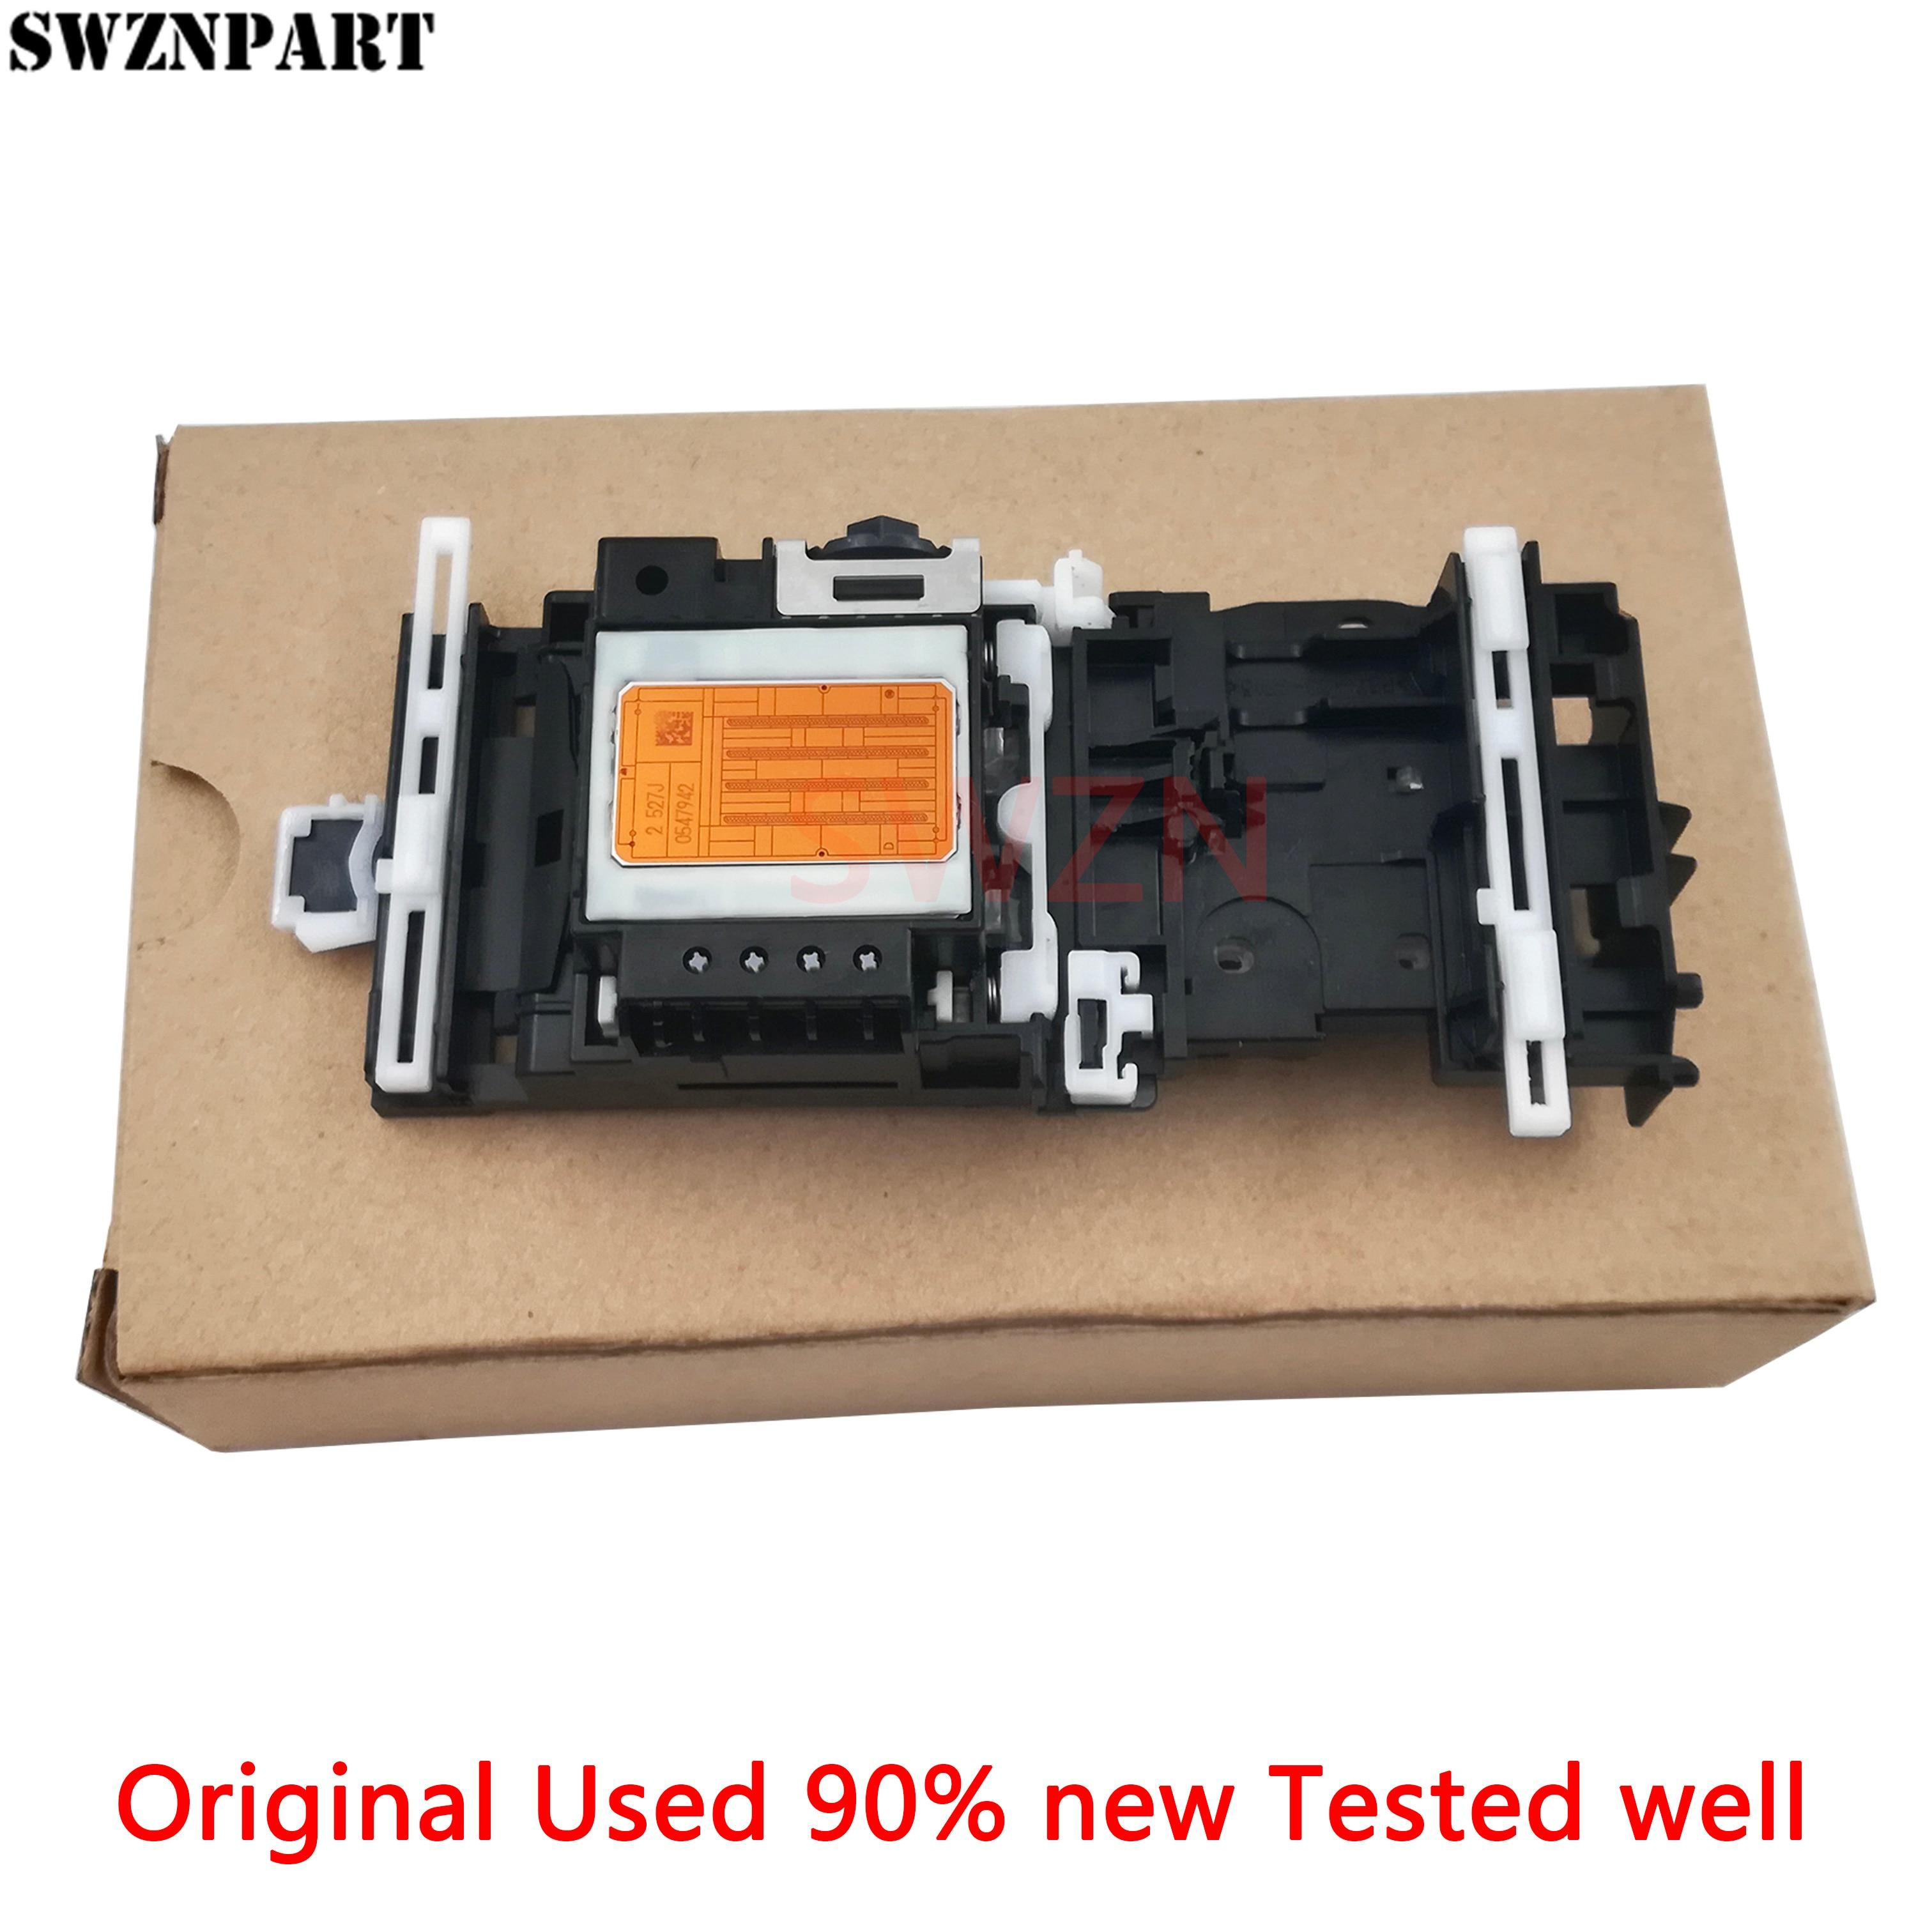 Печатающая головка для Brother MFC-250C 290C 490CW 790CW 990CW DCP-145C 165C 185C 195C 350C 375CW 385C 585CW 990A4